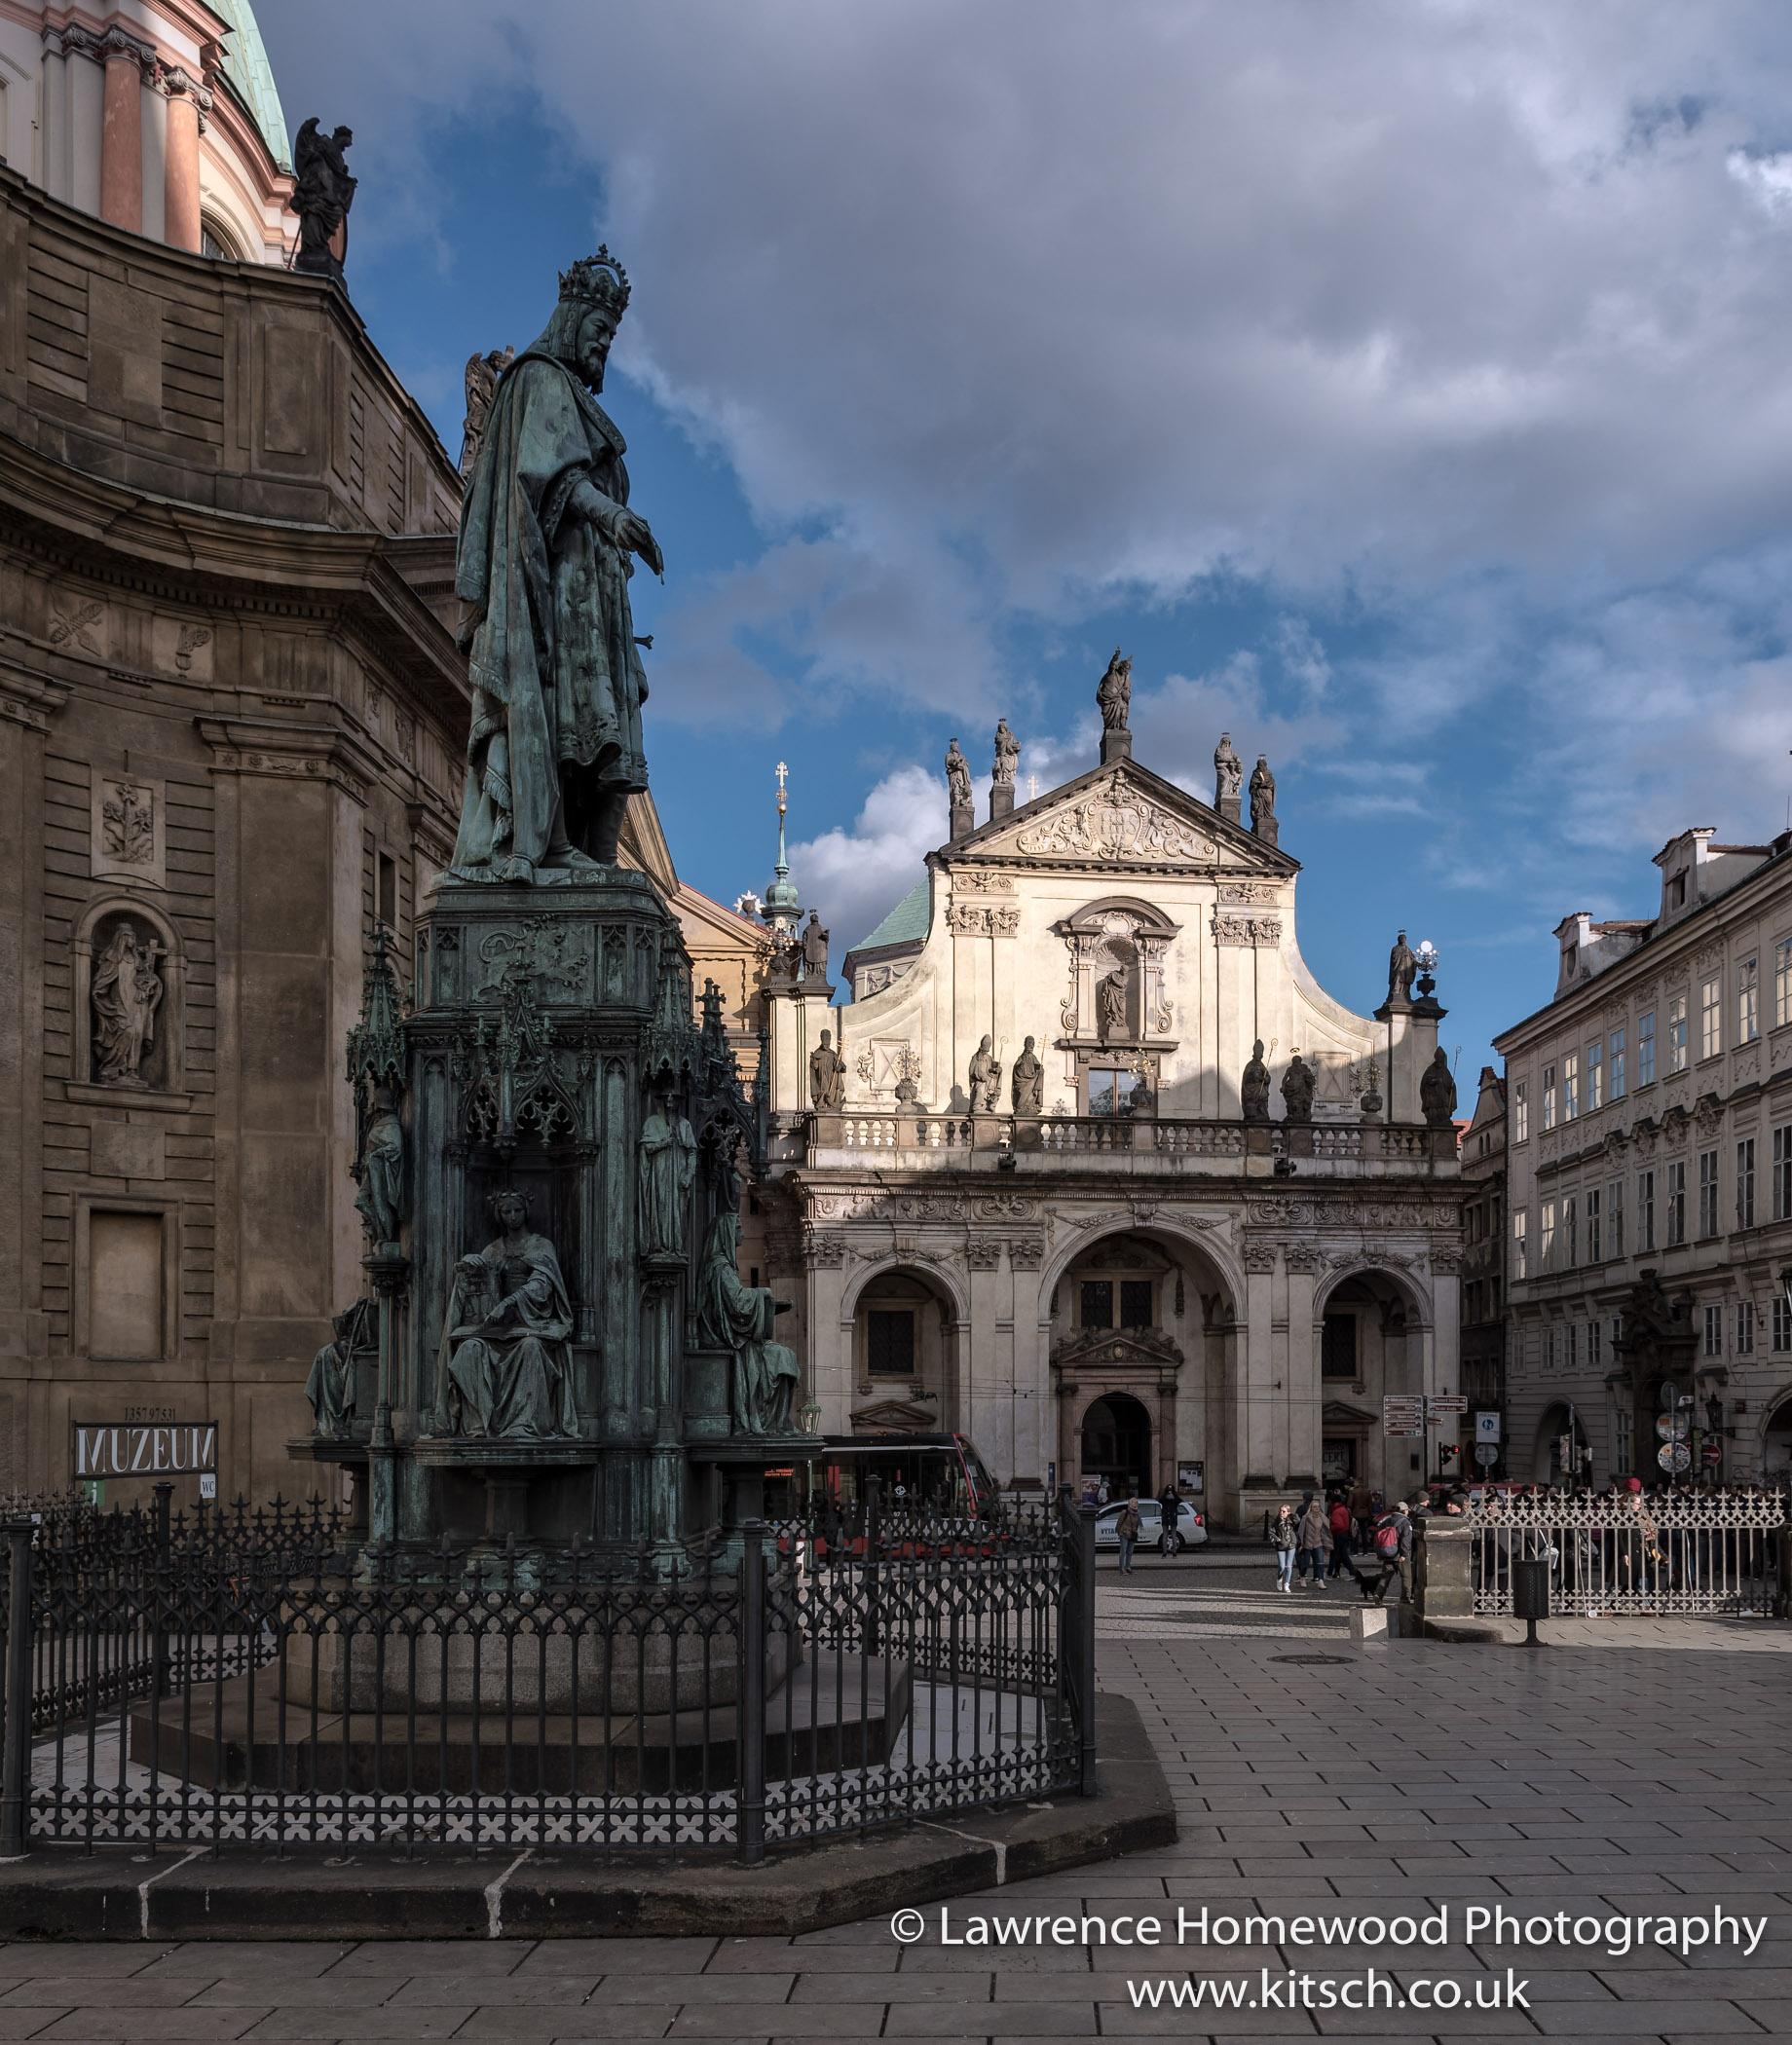 Charles IV Statute next to Charles Bridge